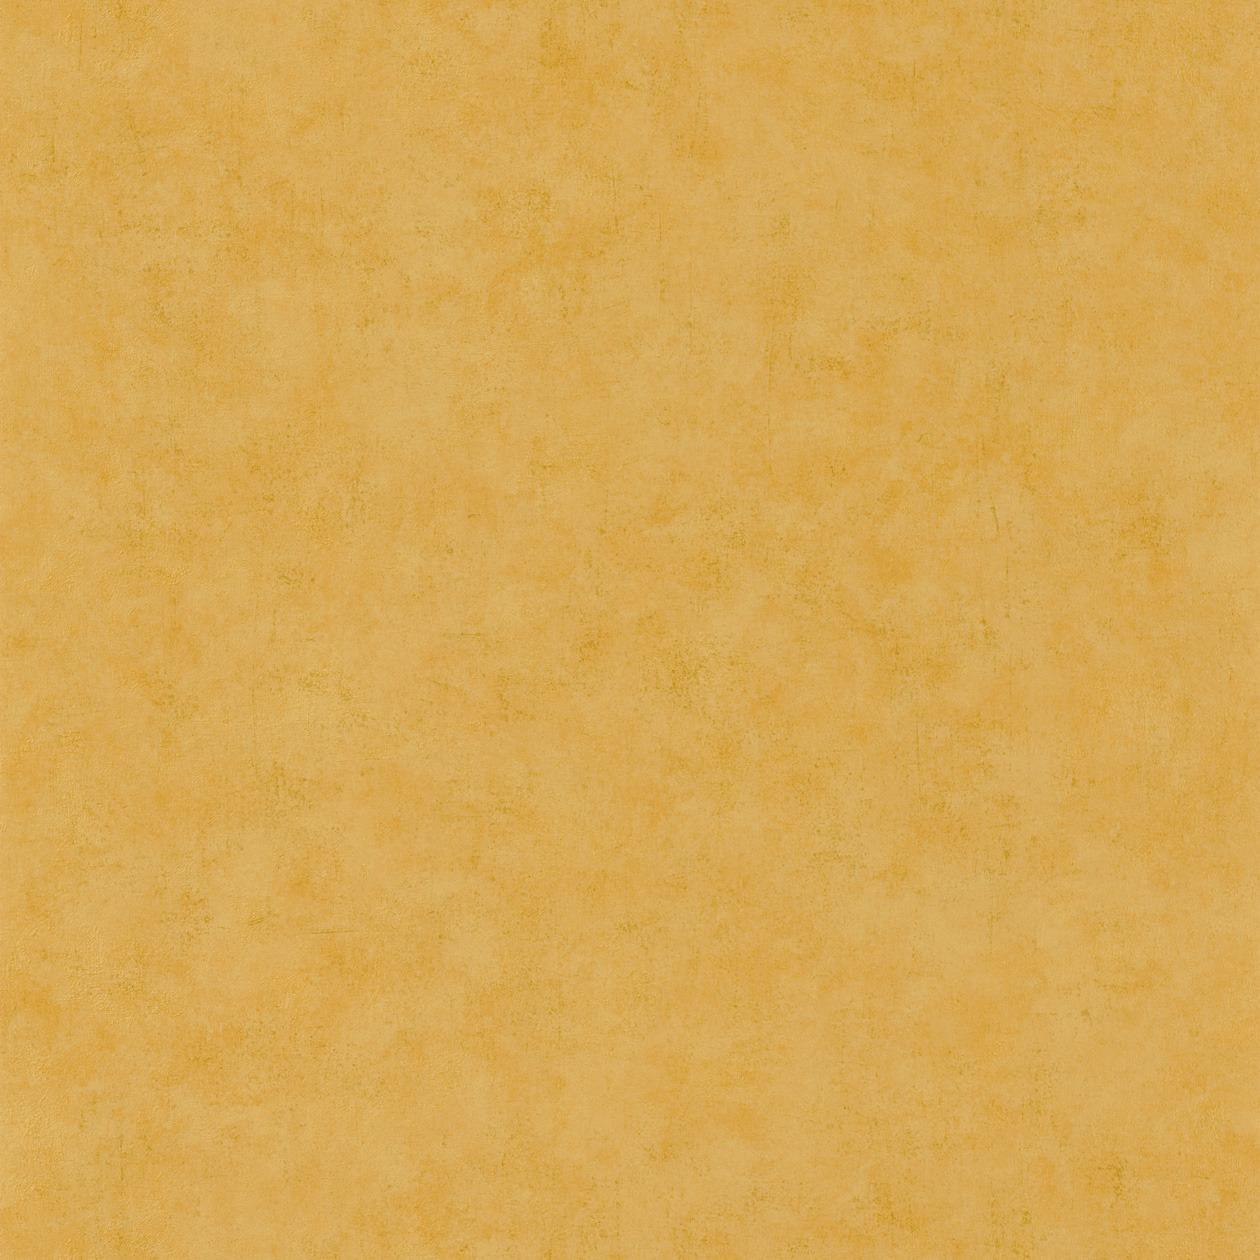 Обои Caselio Beton 0,53 см. 101482000